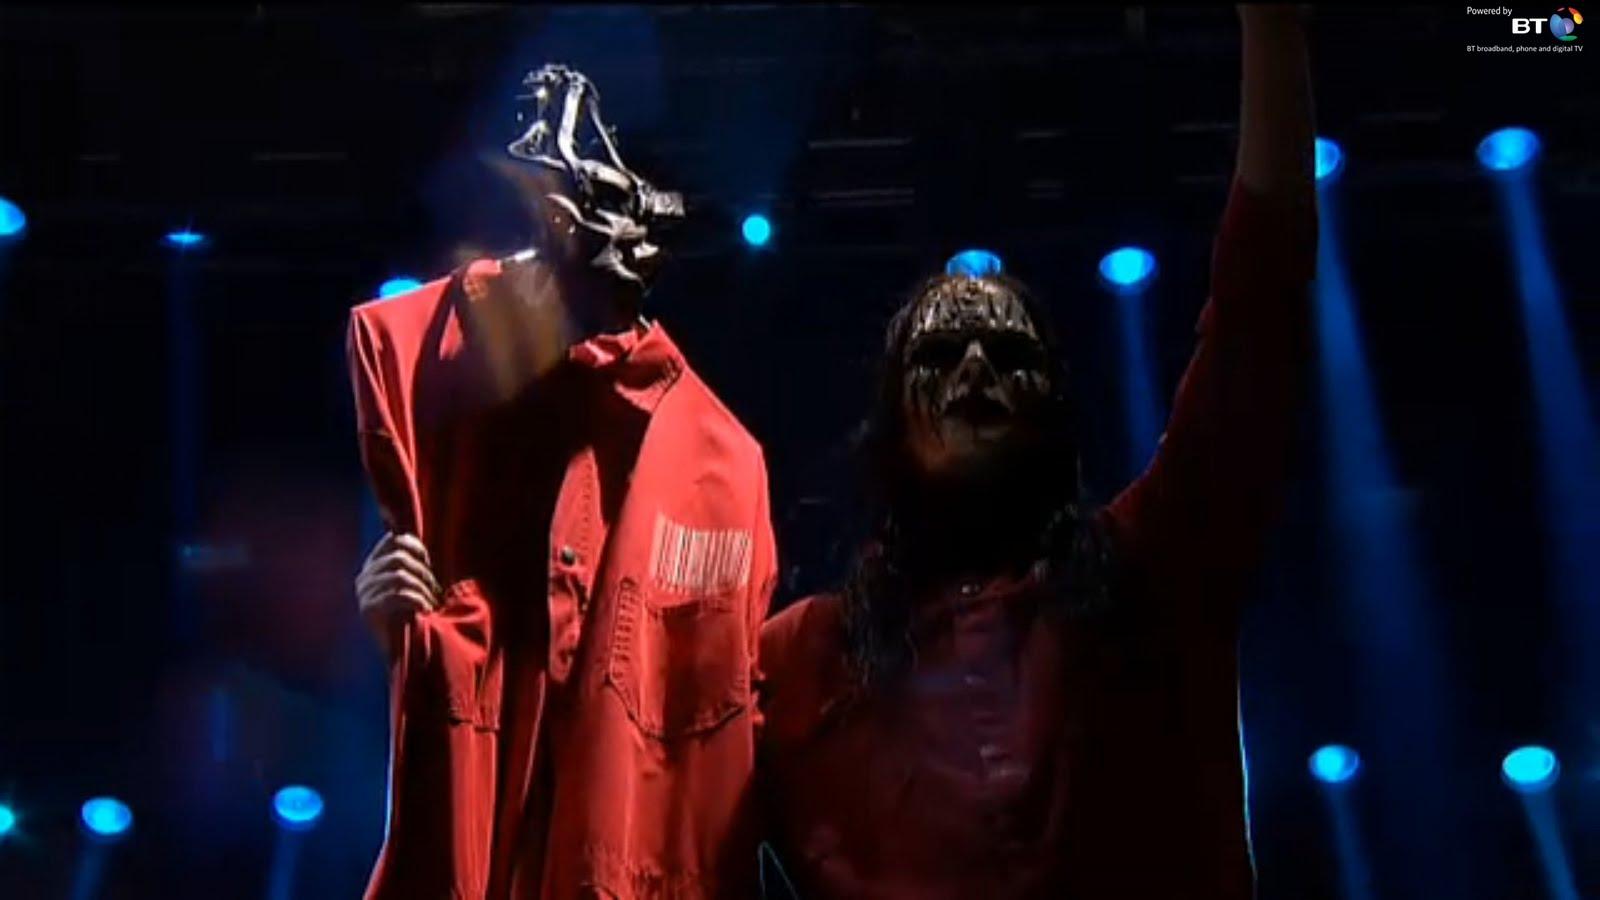 slipknot live rock in rio 2011